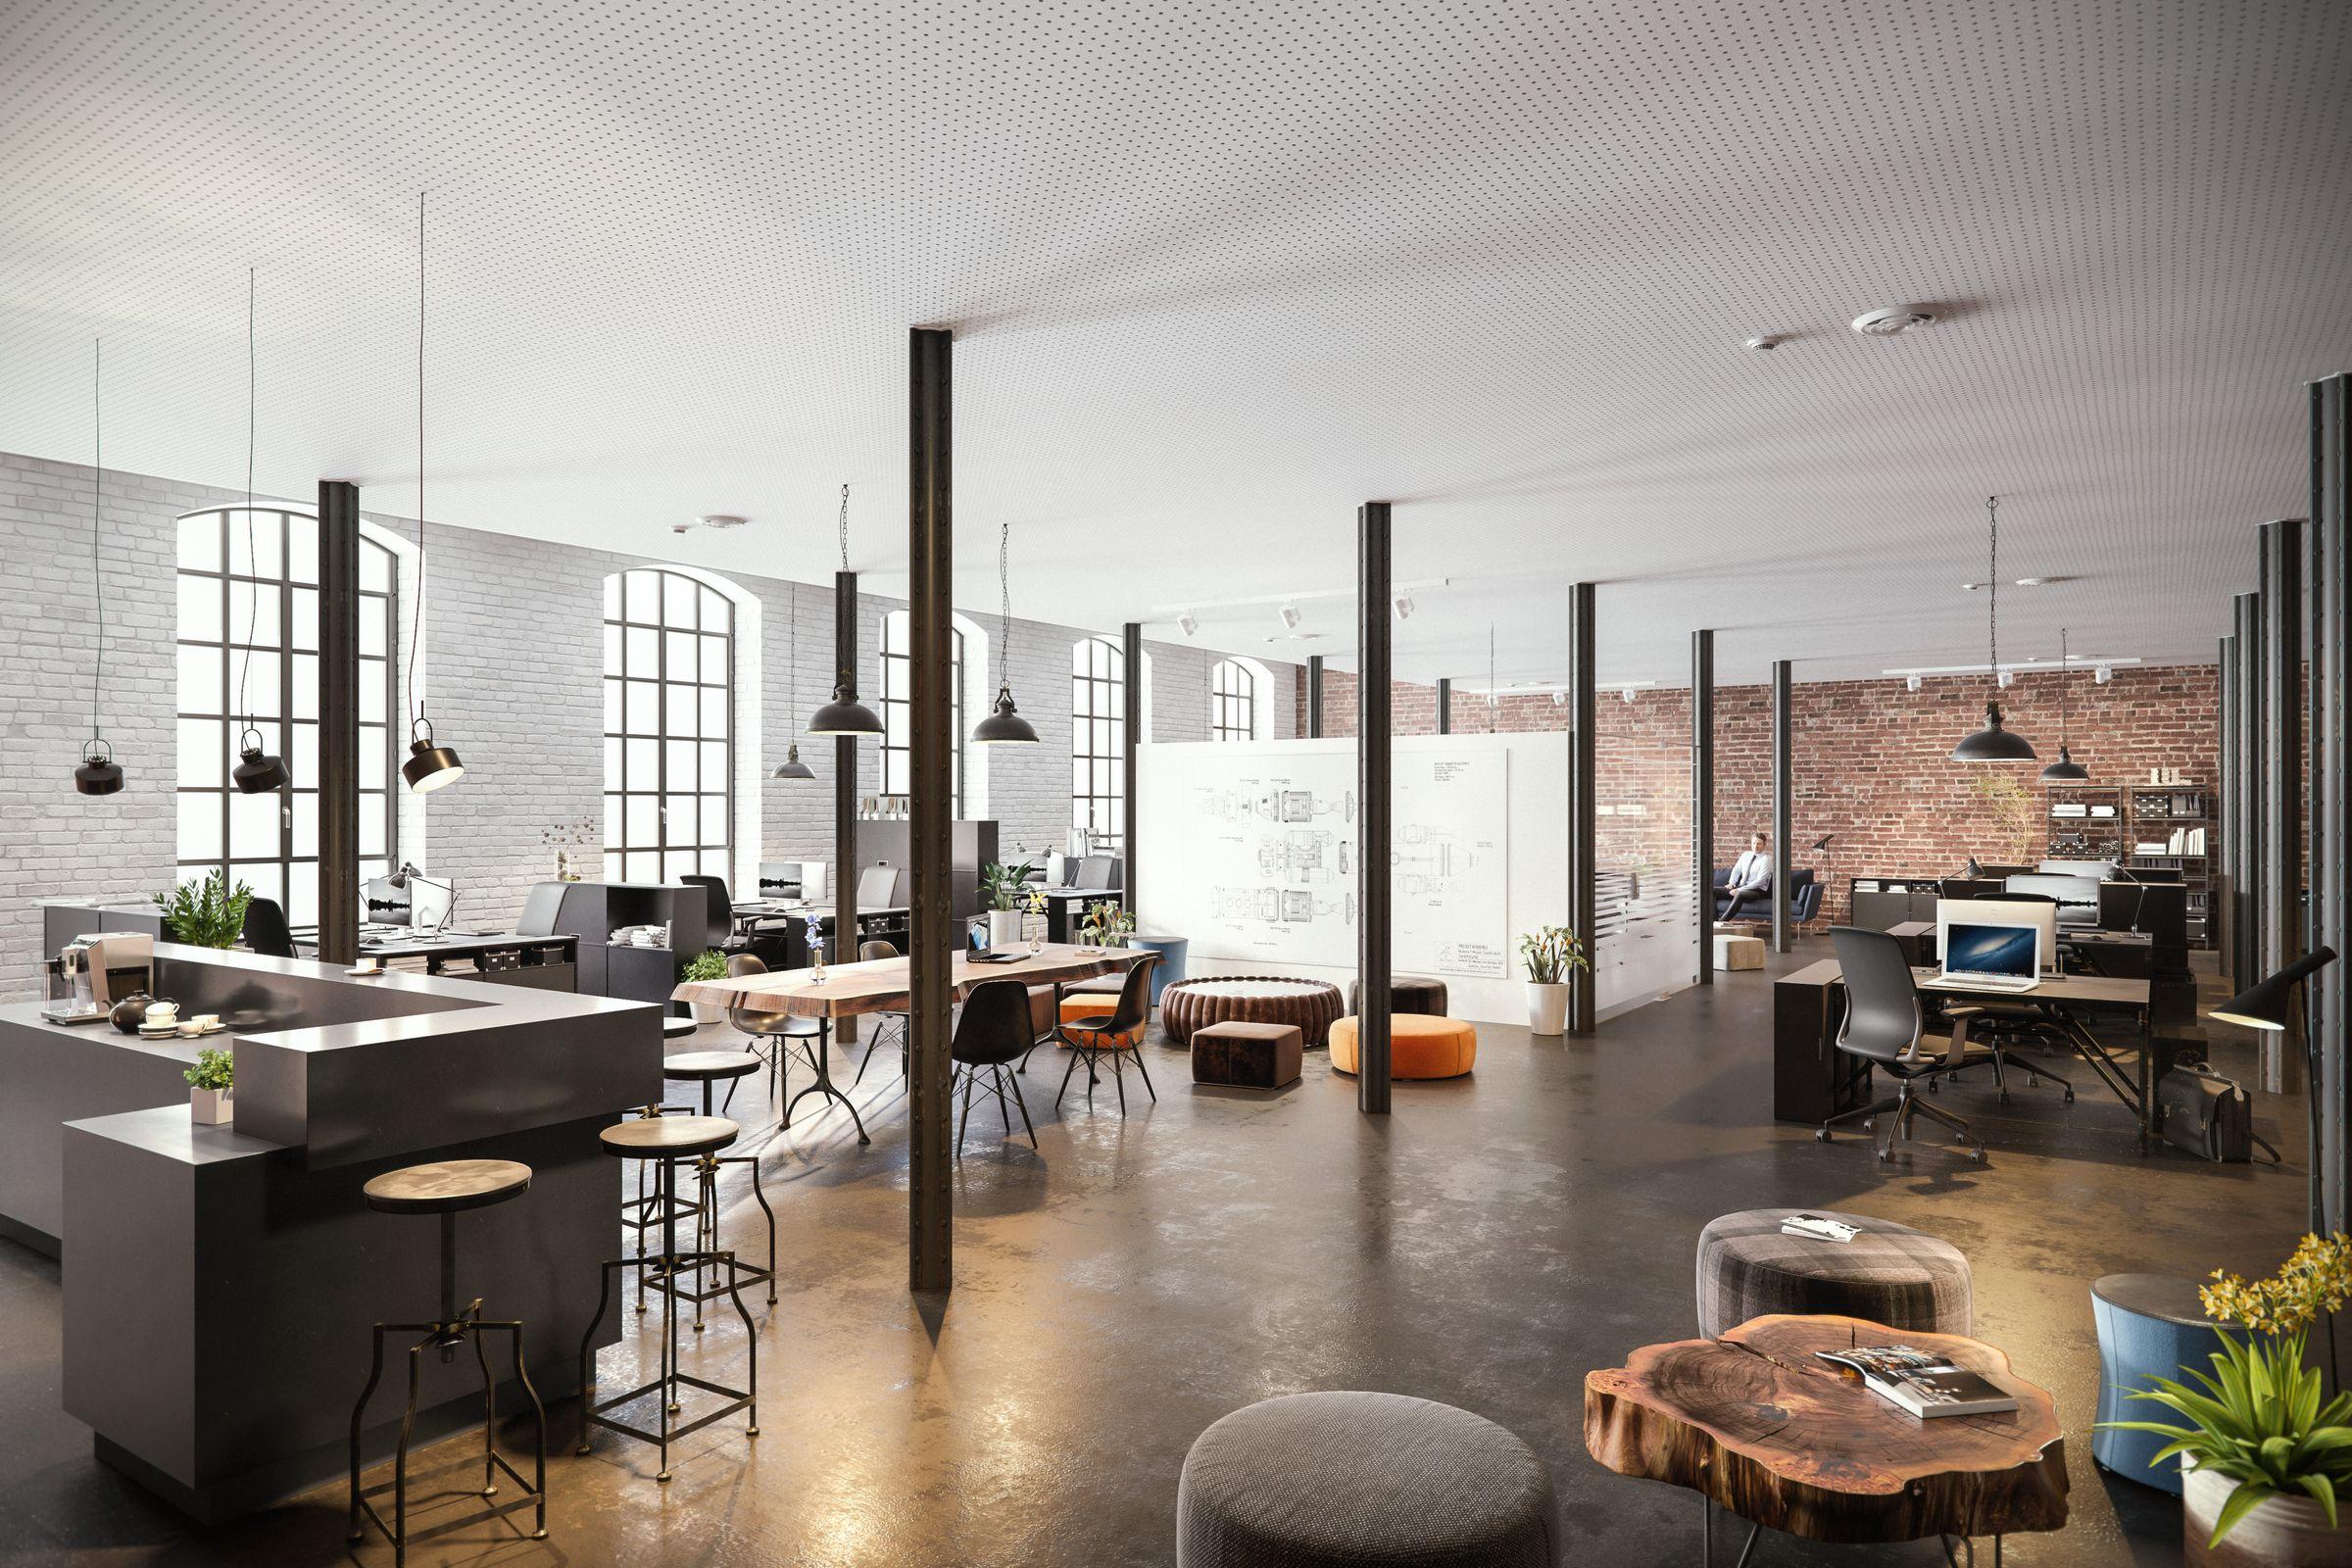 grath_architekten_erba_neue_spinnerei_gewerbe_180425